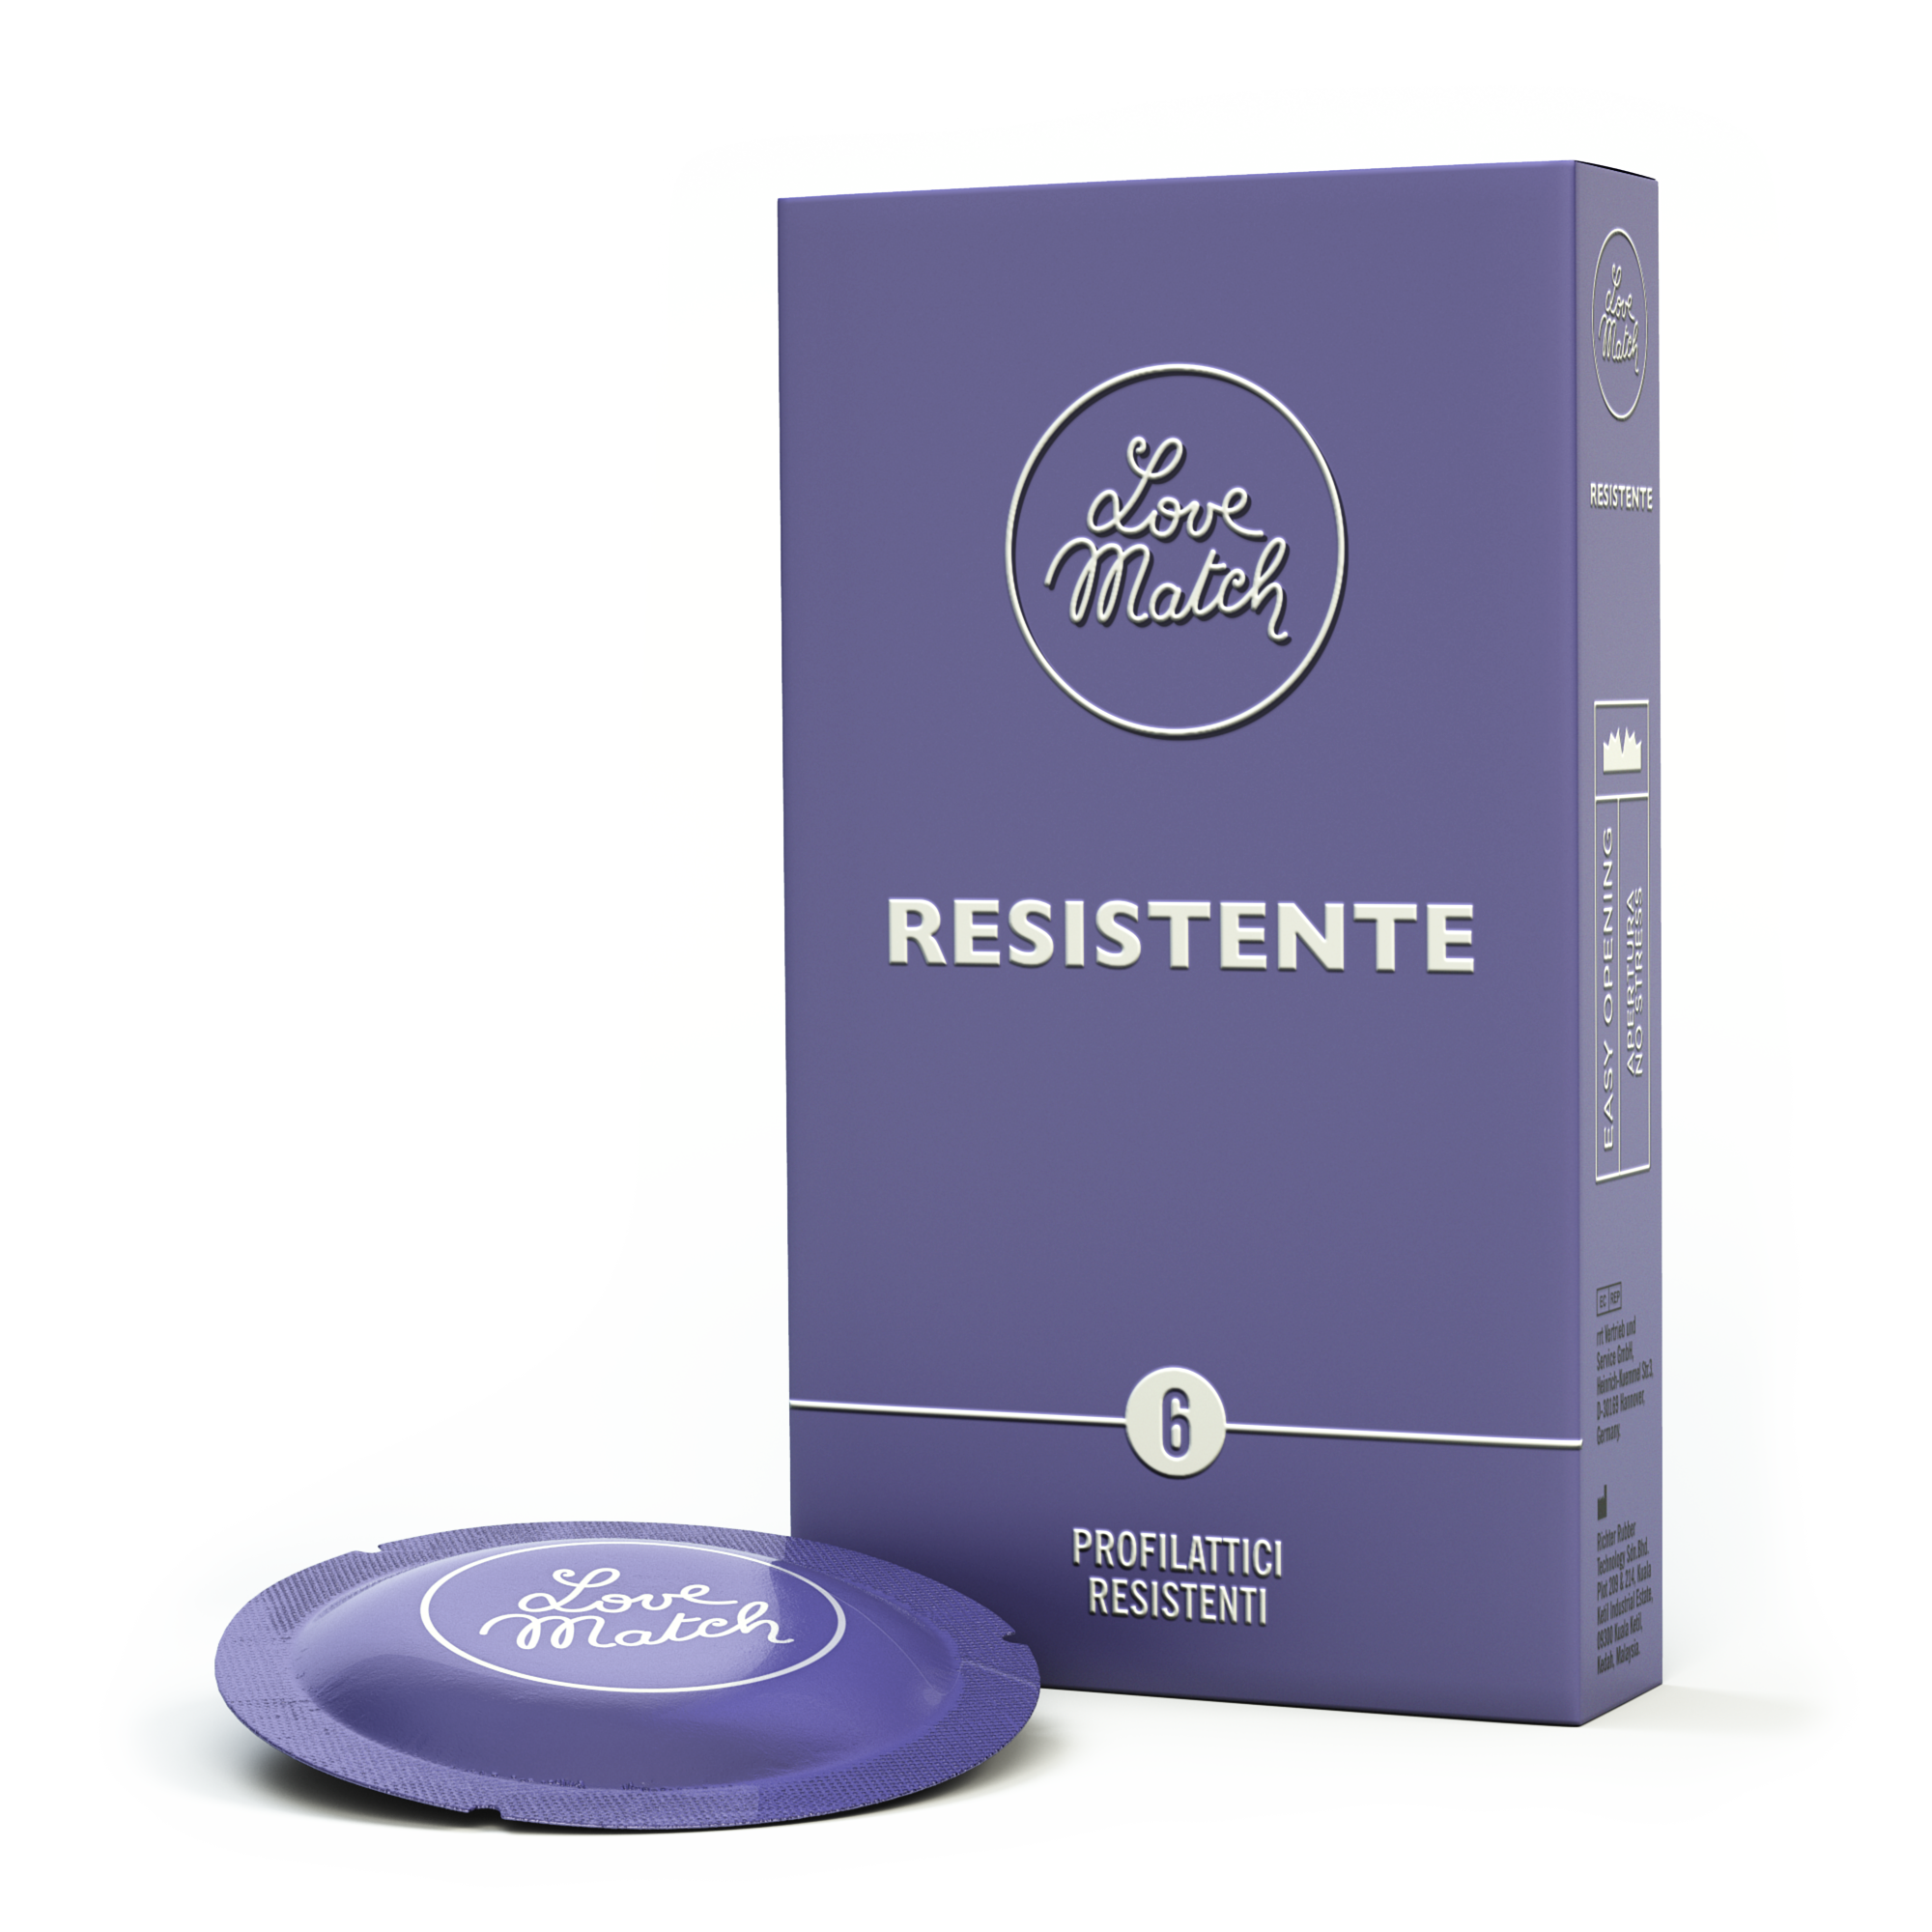 Love match love match resistente - 6 pezzi - preservativi resistenti